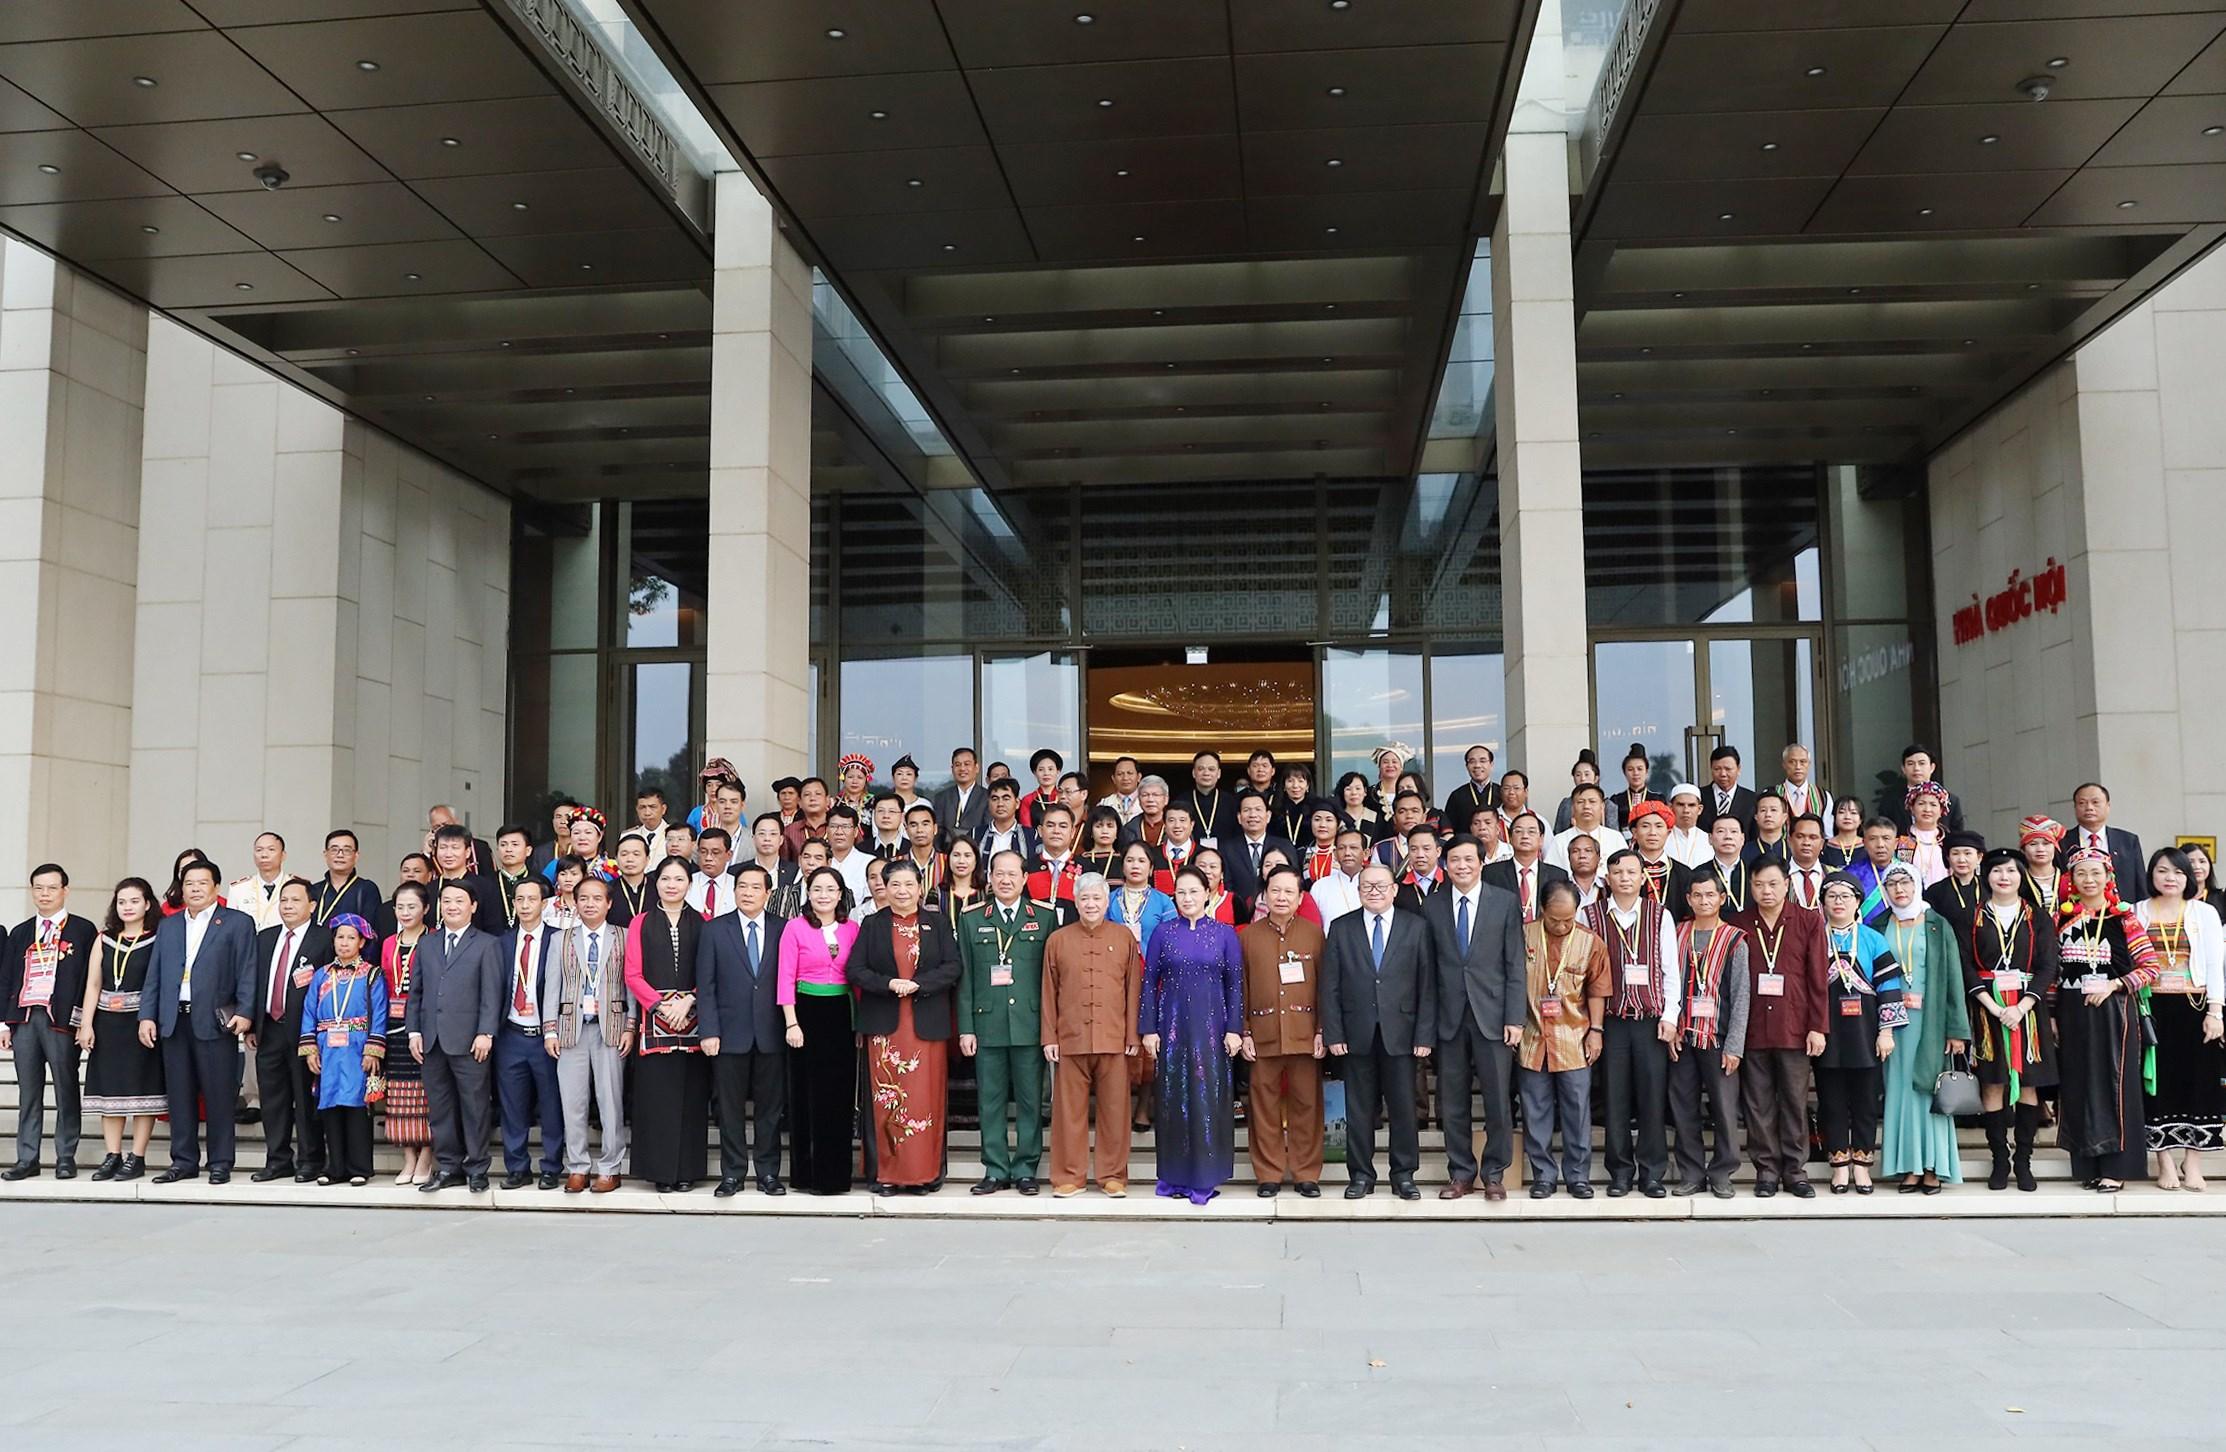 Chủ tịch Quốc hội Nguyễn Thị Kim Ngân chụp ảnh lưu niệm với các đại biểu tại Tòa nhà Quốc hội.